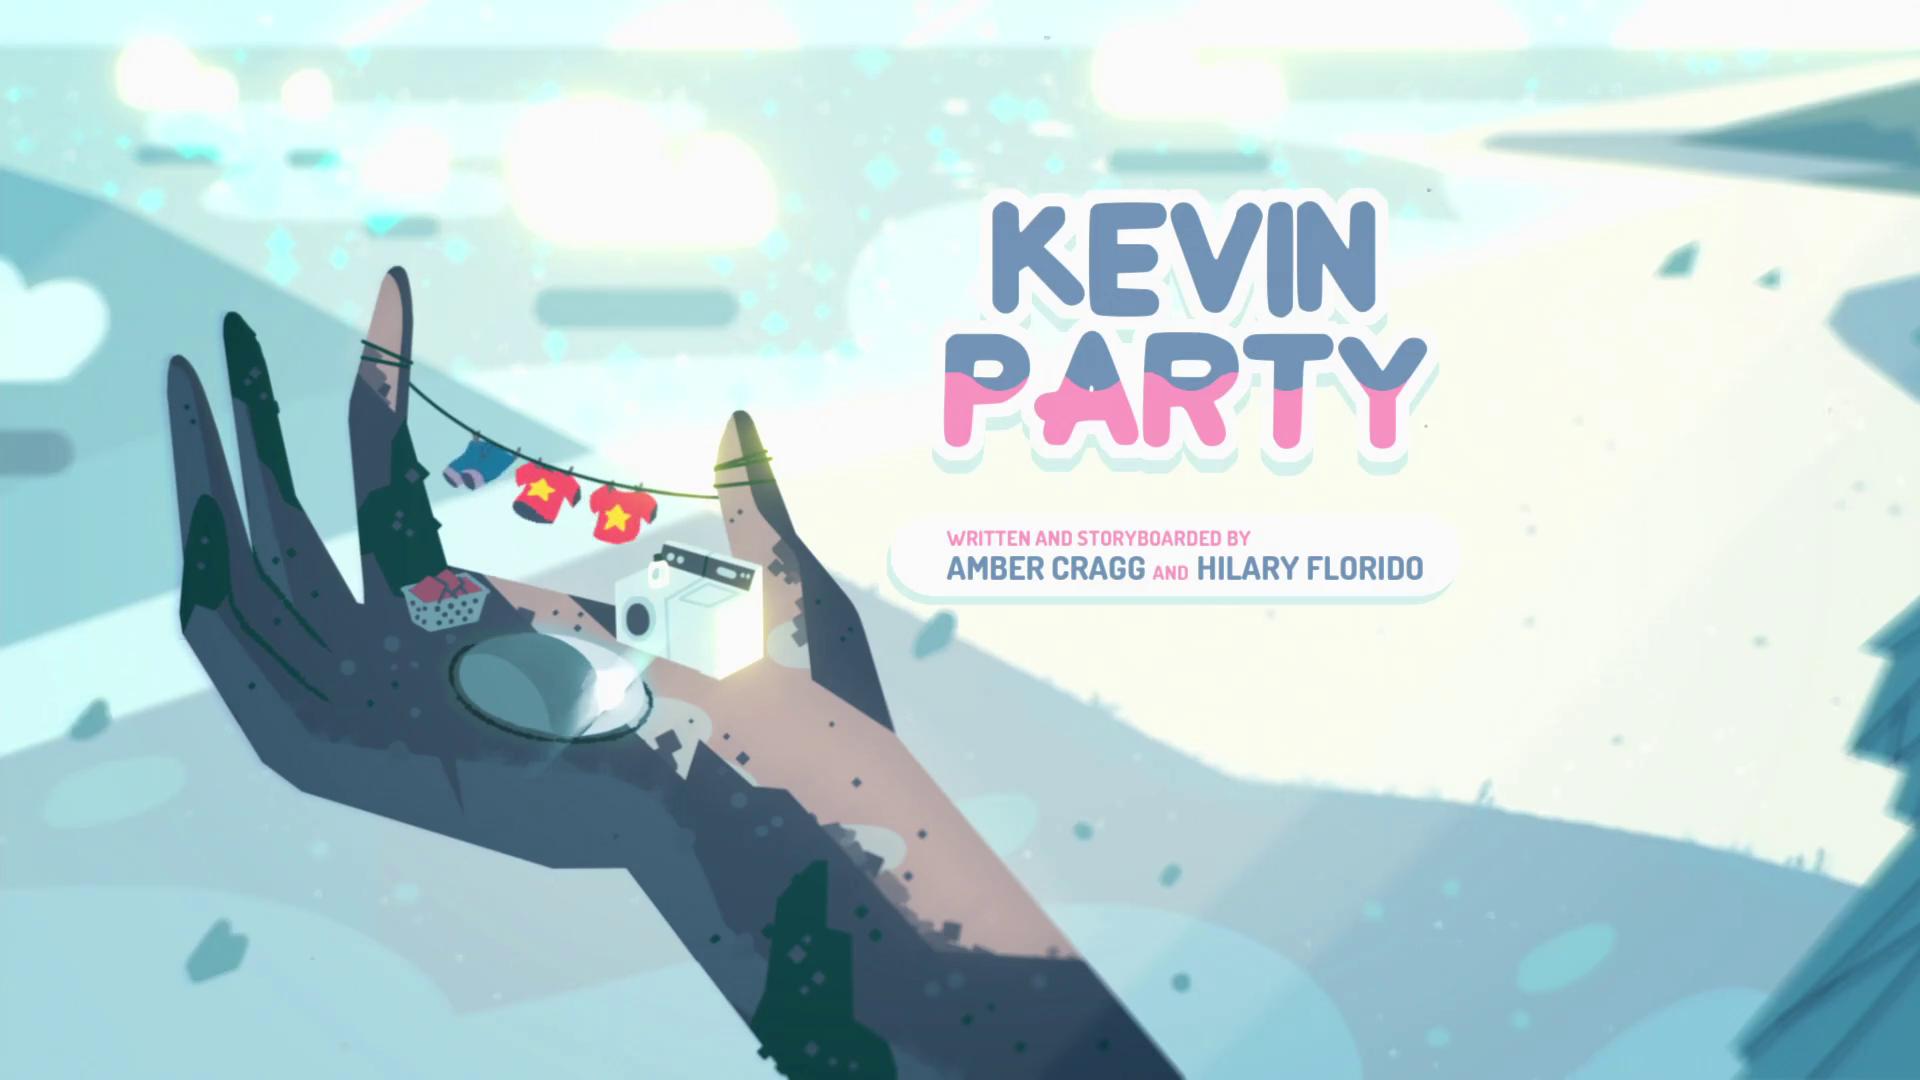 Steven Universo - Festa do Kevin